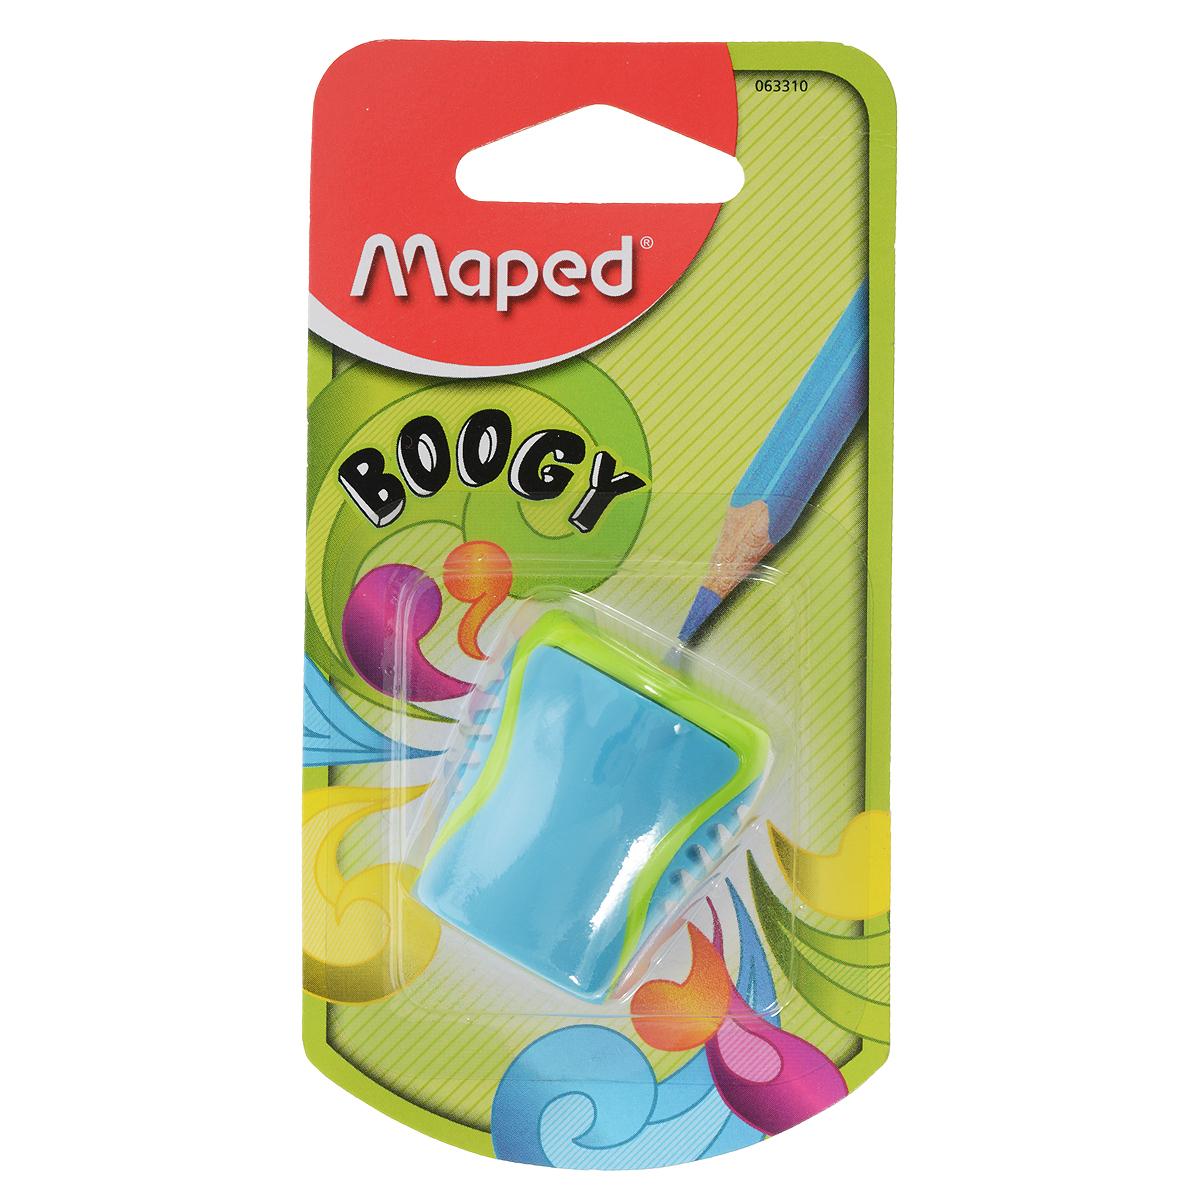 Точилка Maped Boogy, с контейнером, цвет: голубой maped точилка galactic цвет сливовый